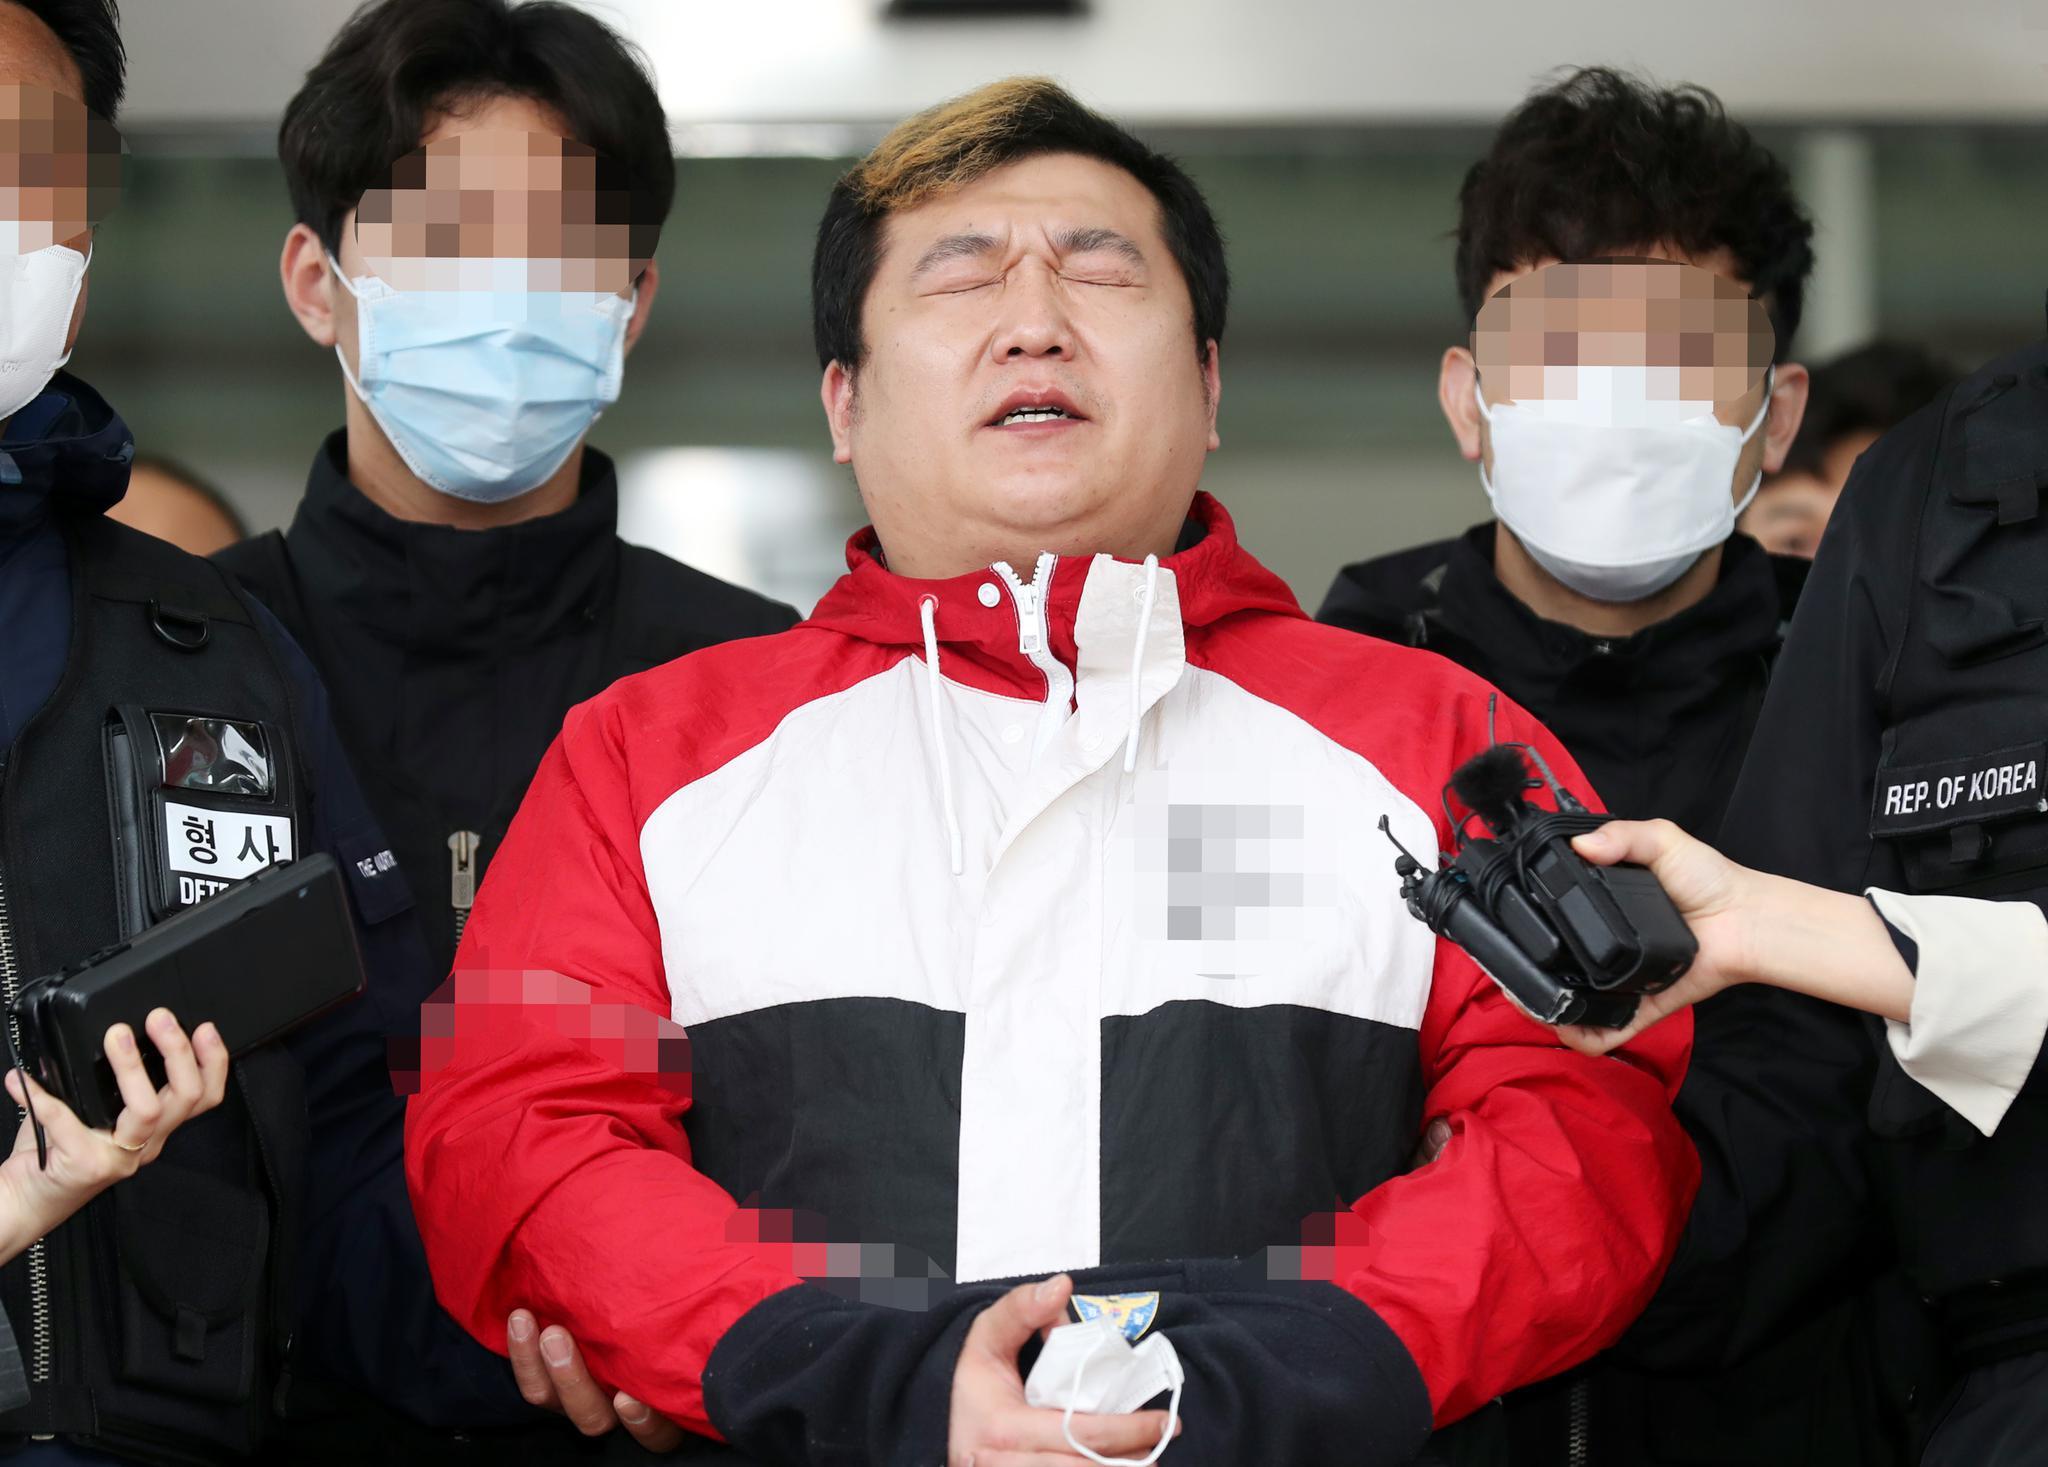 韩国黑帮出身老板杀死顾客后分尸 被抓后鞠躬:我错了